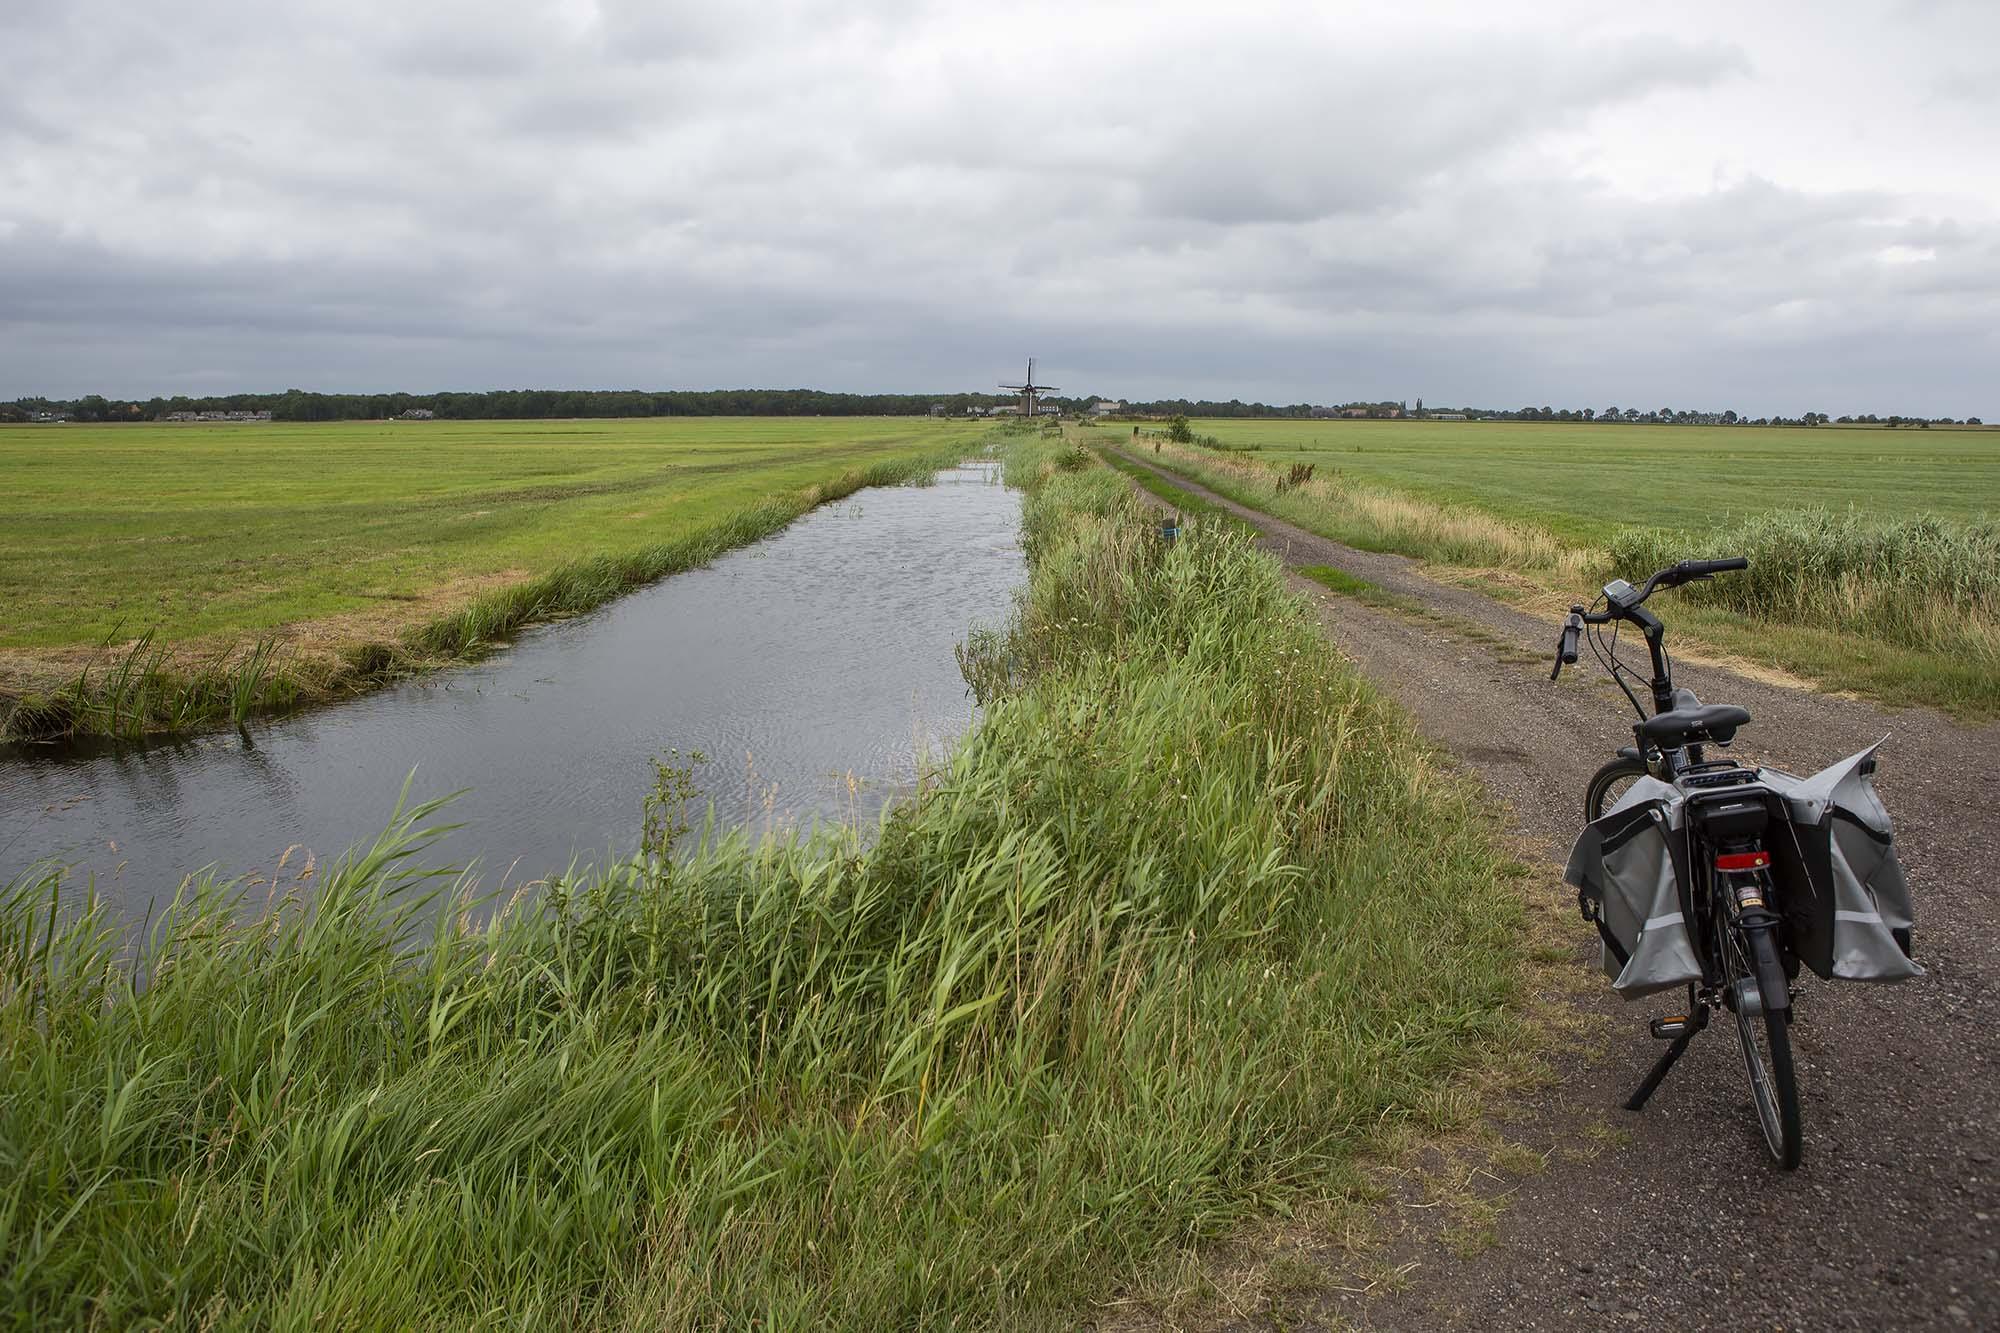 Actieve vakantie in Zuidwest Friesland op de fiets